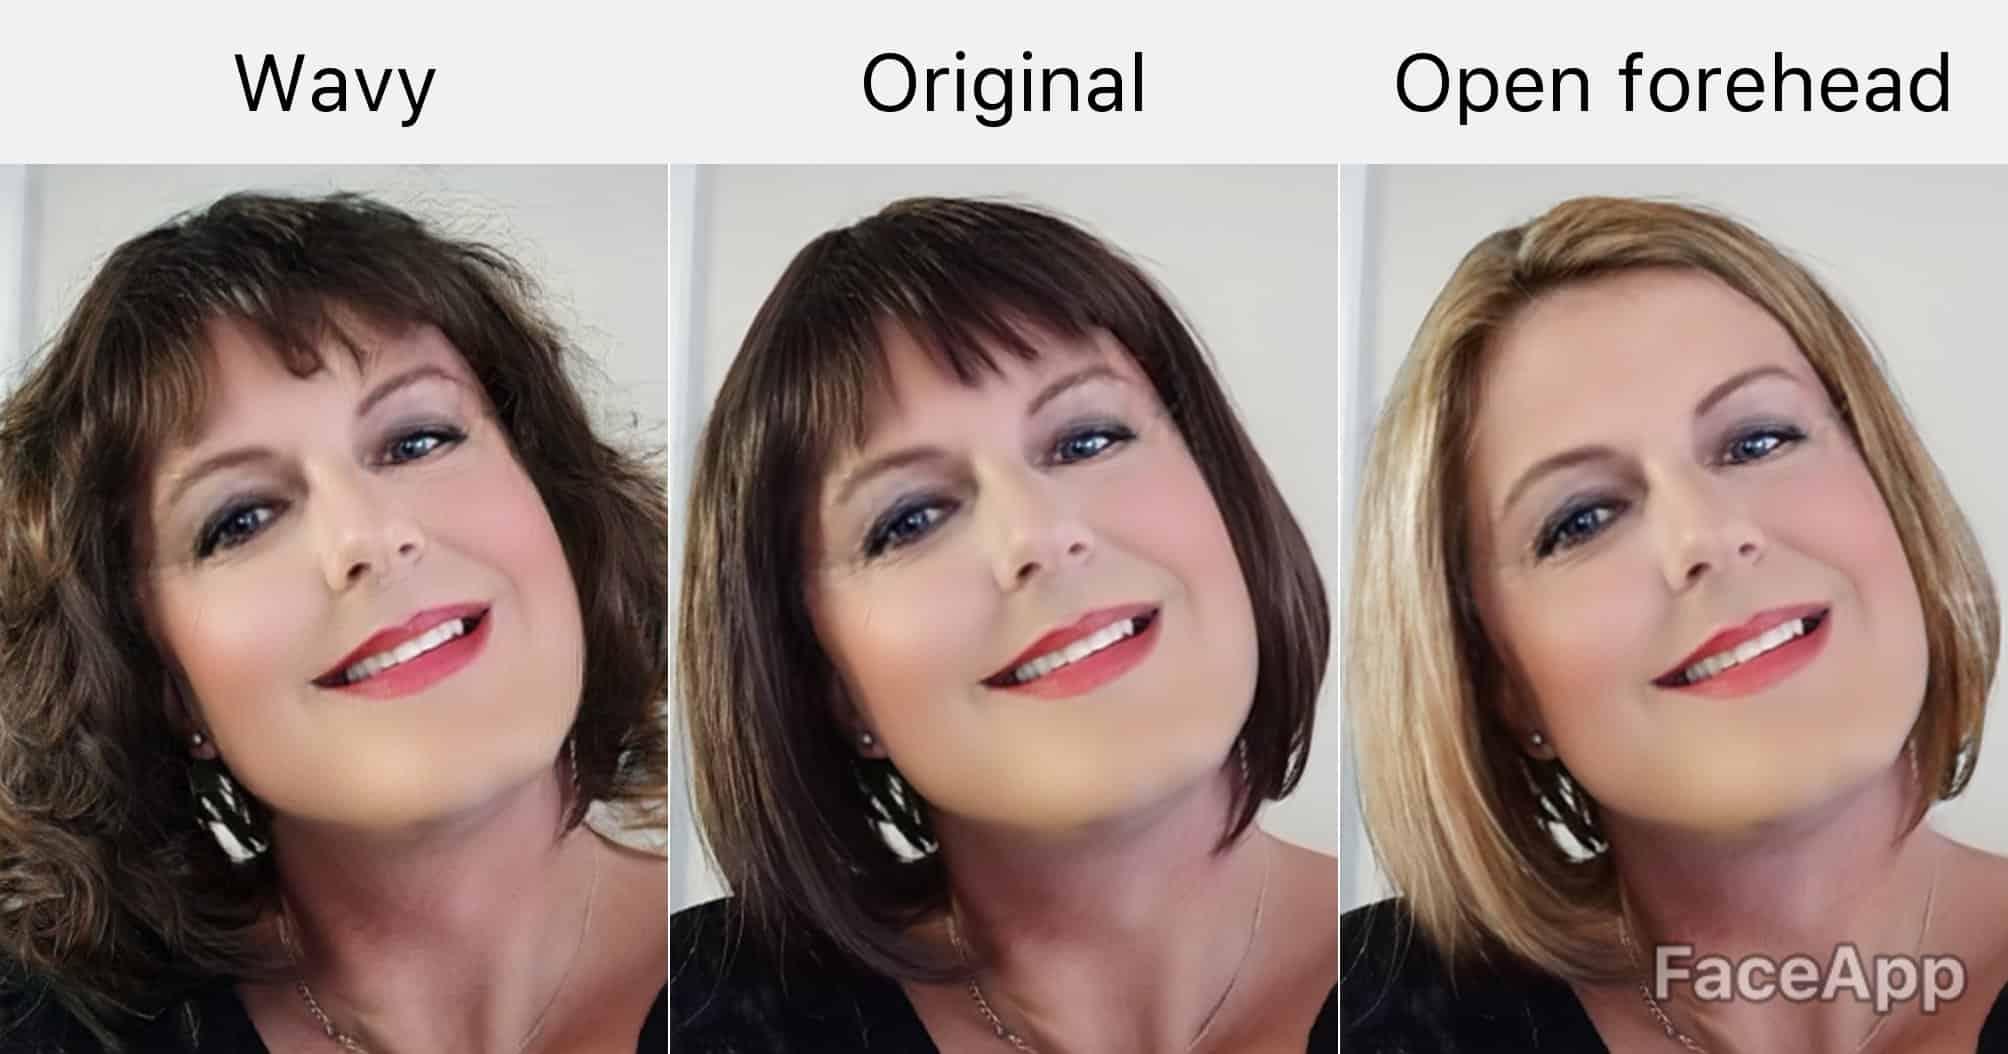 Thử làm mới mình bằng cách thay đổi màu tóc trên FaceApp - Nguồn ảnh: Internet